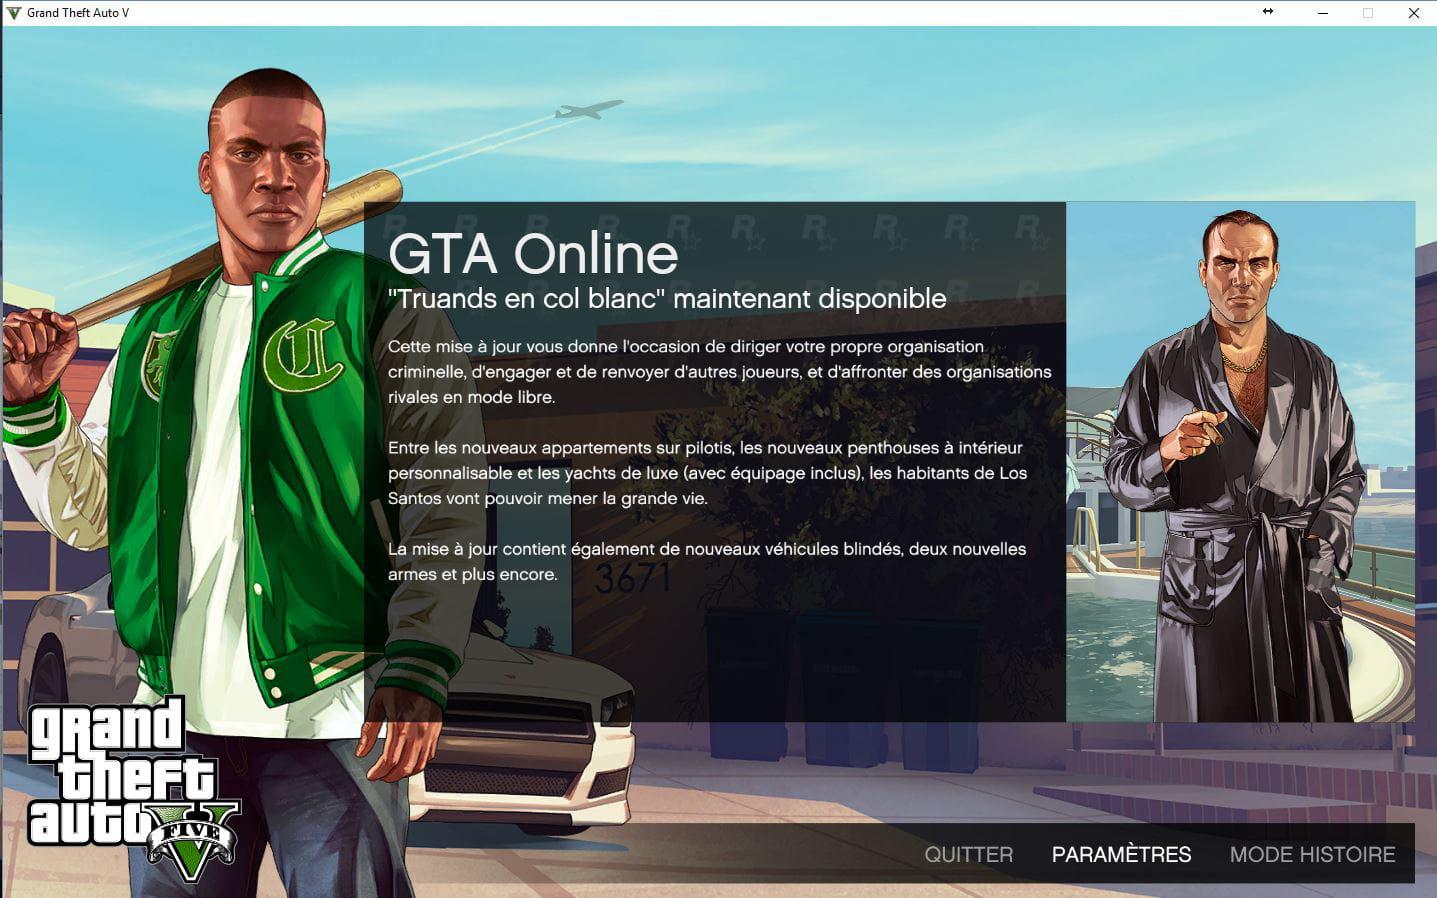 gta online mod menu 1.31